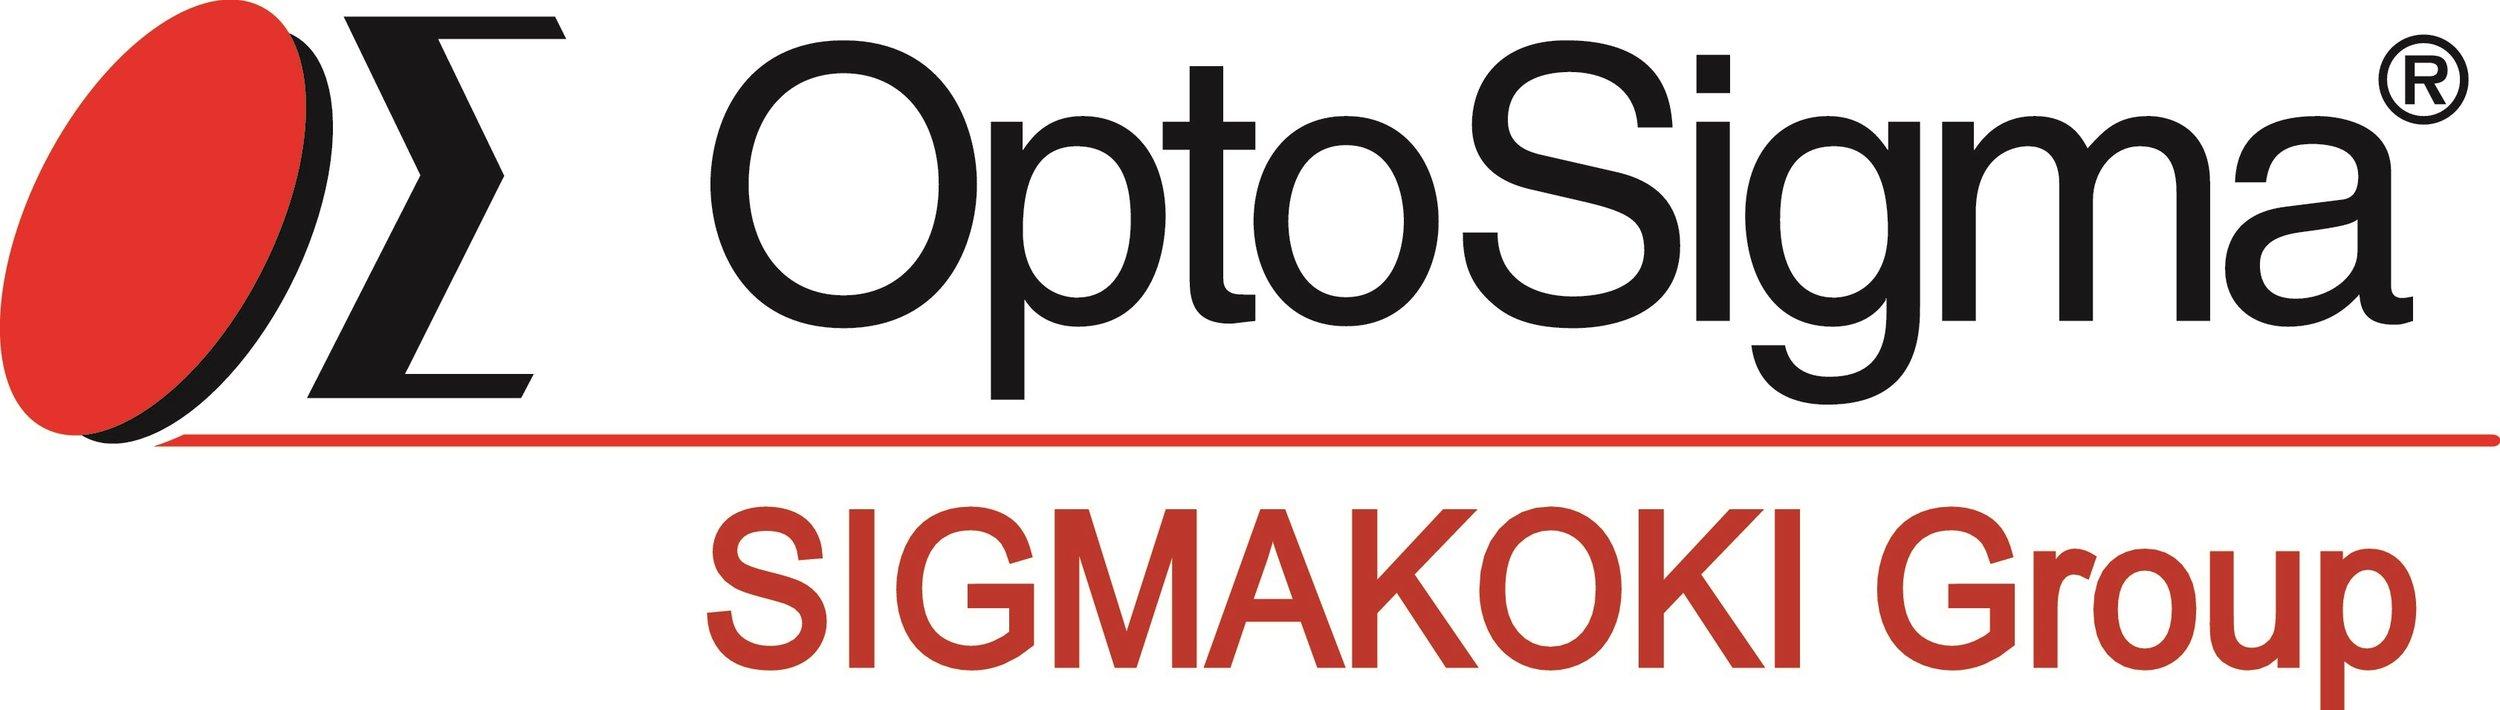 20190206_OSS_logo_317.jpg